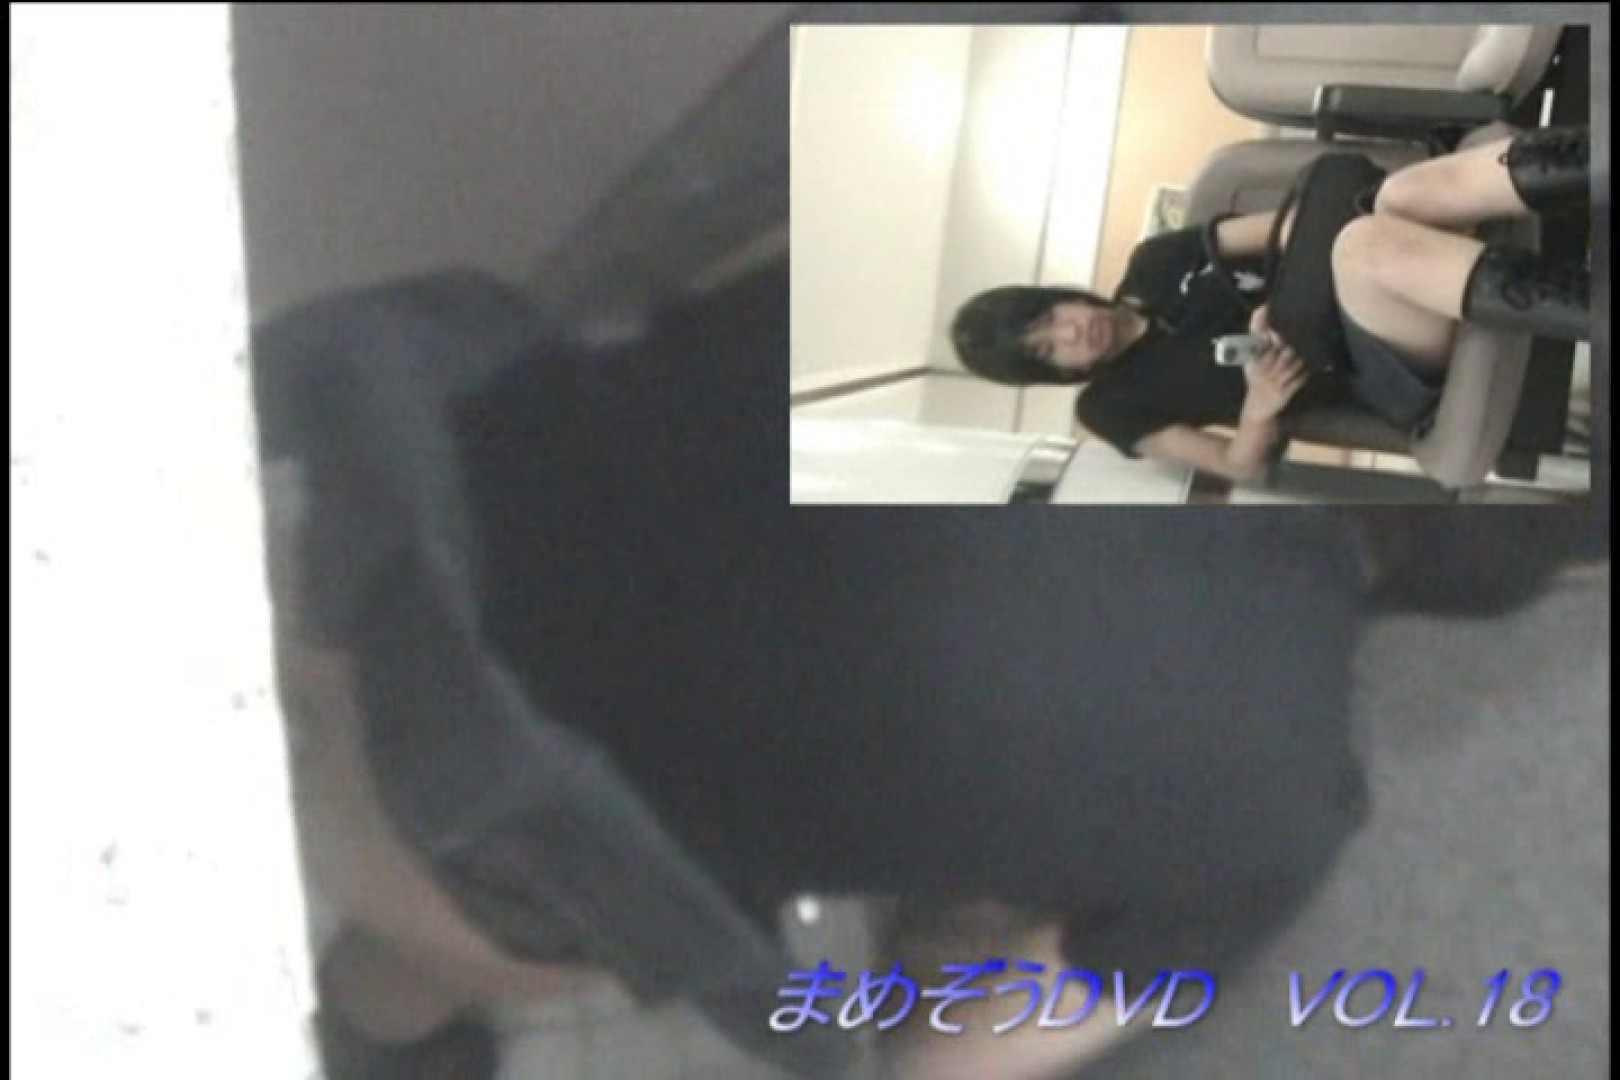 まめぞうDVD完全版VOL.18 ギャル盗撮映像   OLのボディ  76PIX 53